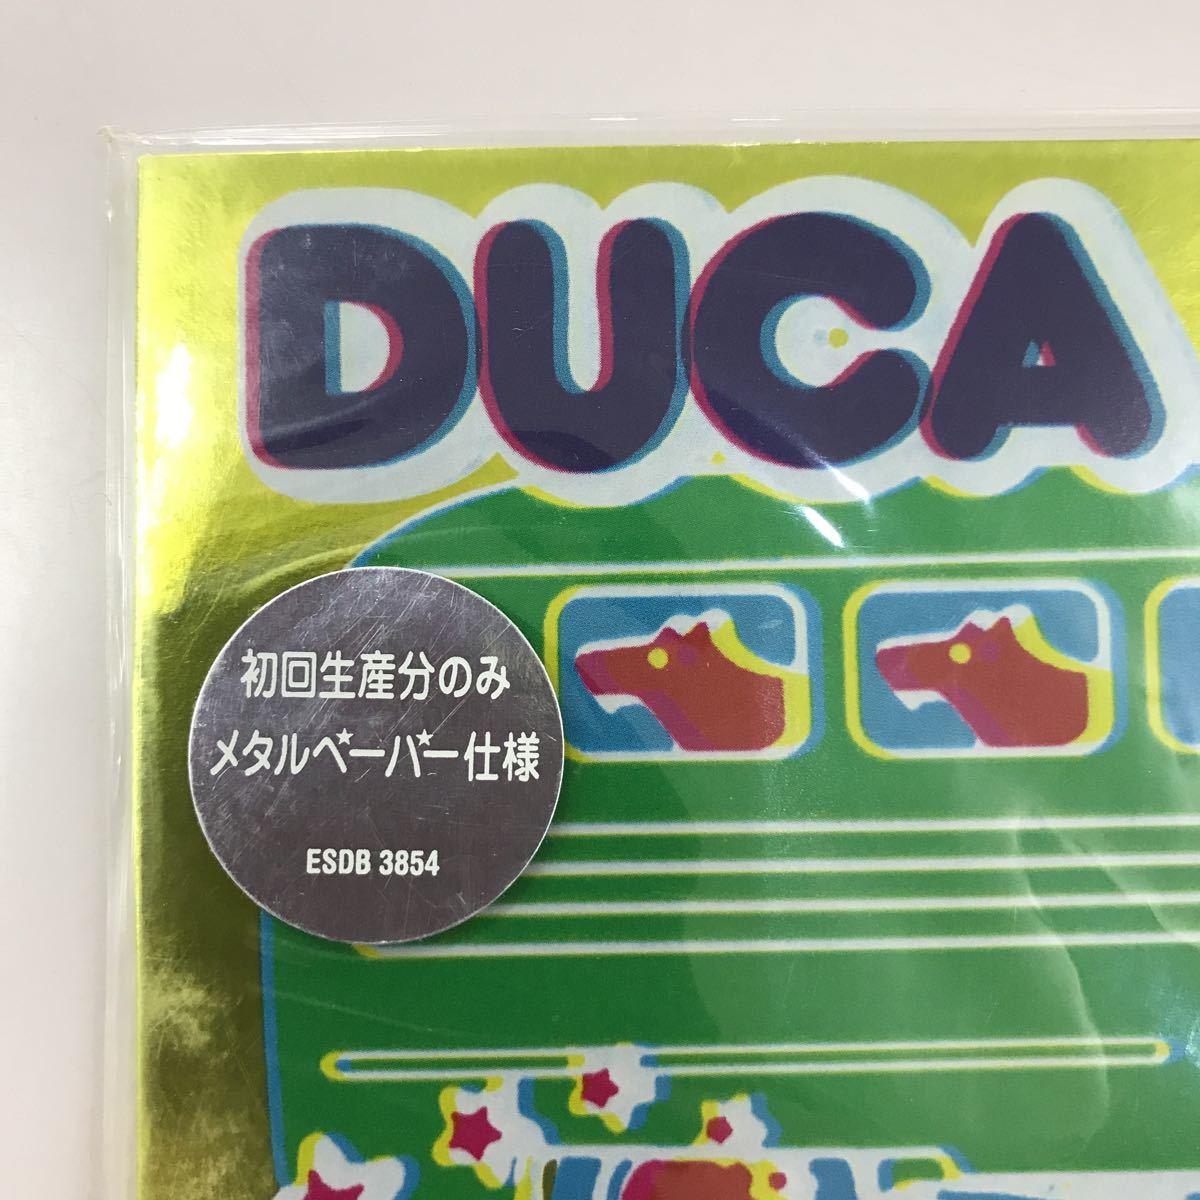 シングルCD 8センチ 中古【邦楽】長期保存品 CHARA チャラ